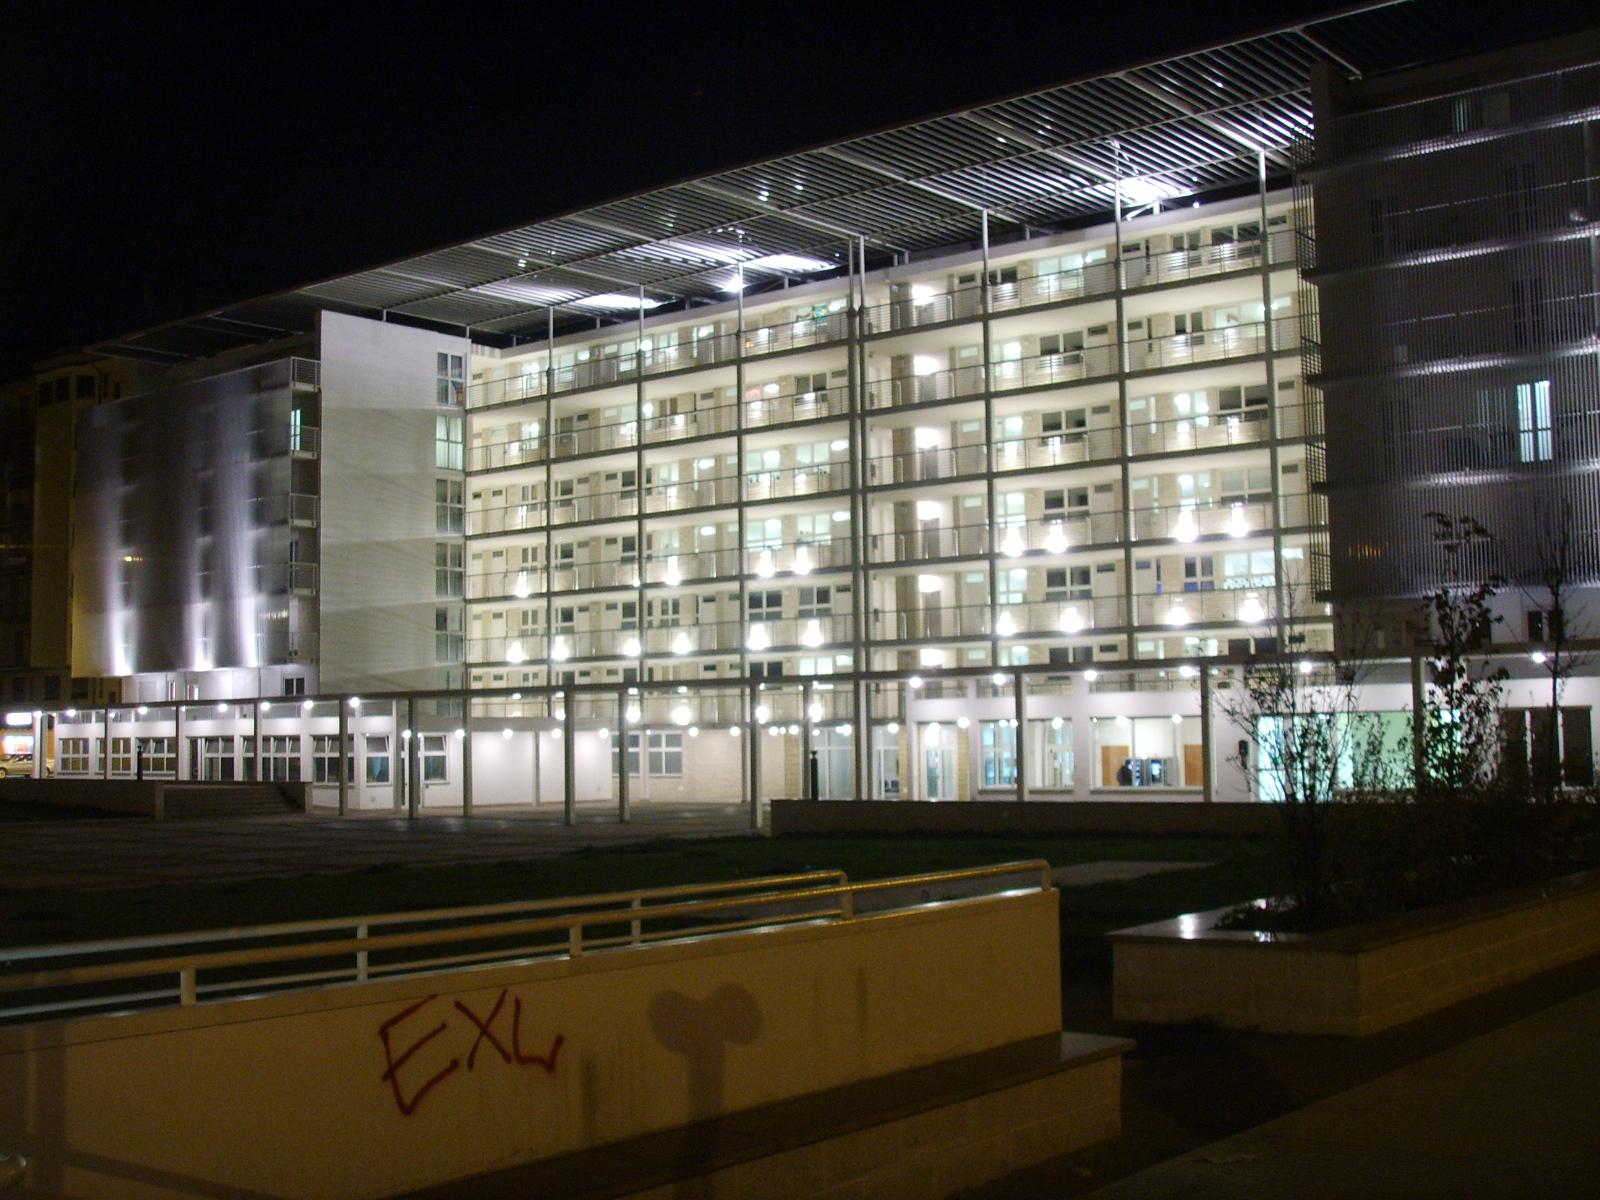 FileCasa dello studente firenze night 02JPG  Wikimedia Commons